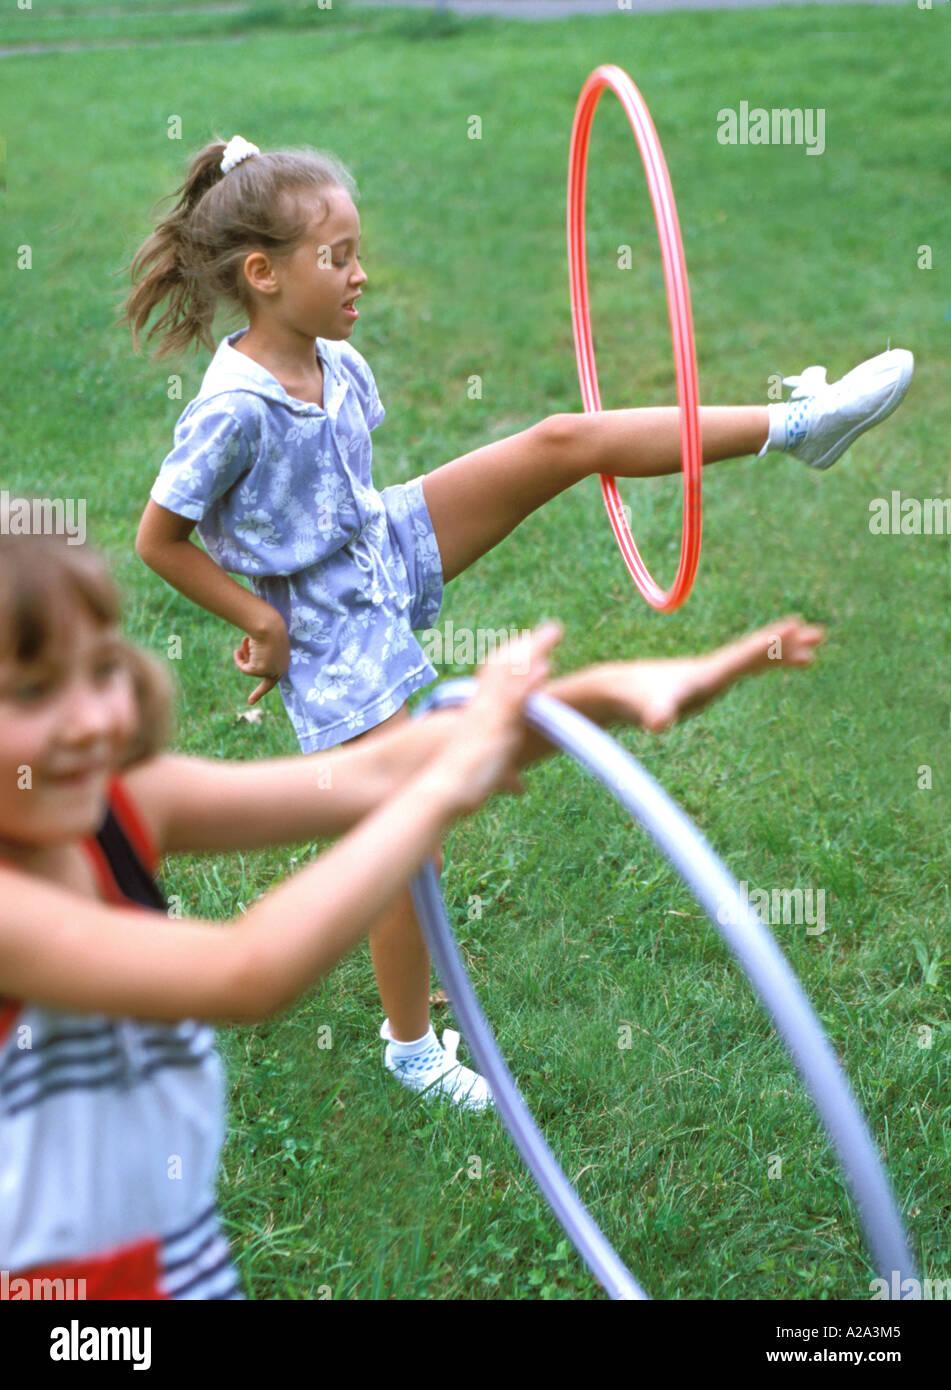 Le ragazze la filatura hula hop sulla gamba MR8417 7A Immagini Stock